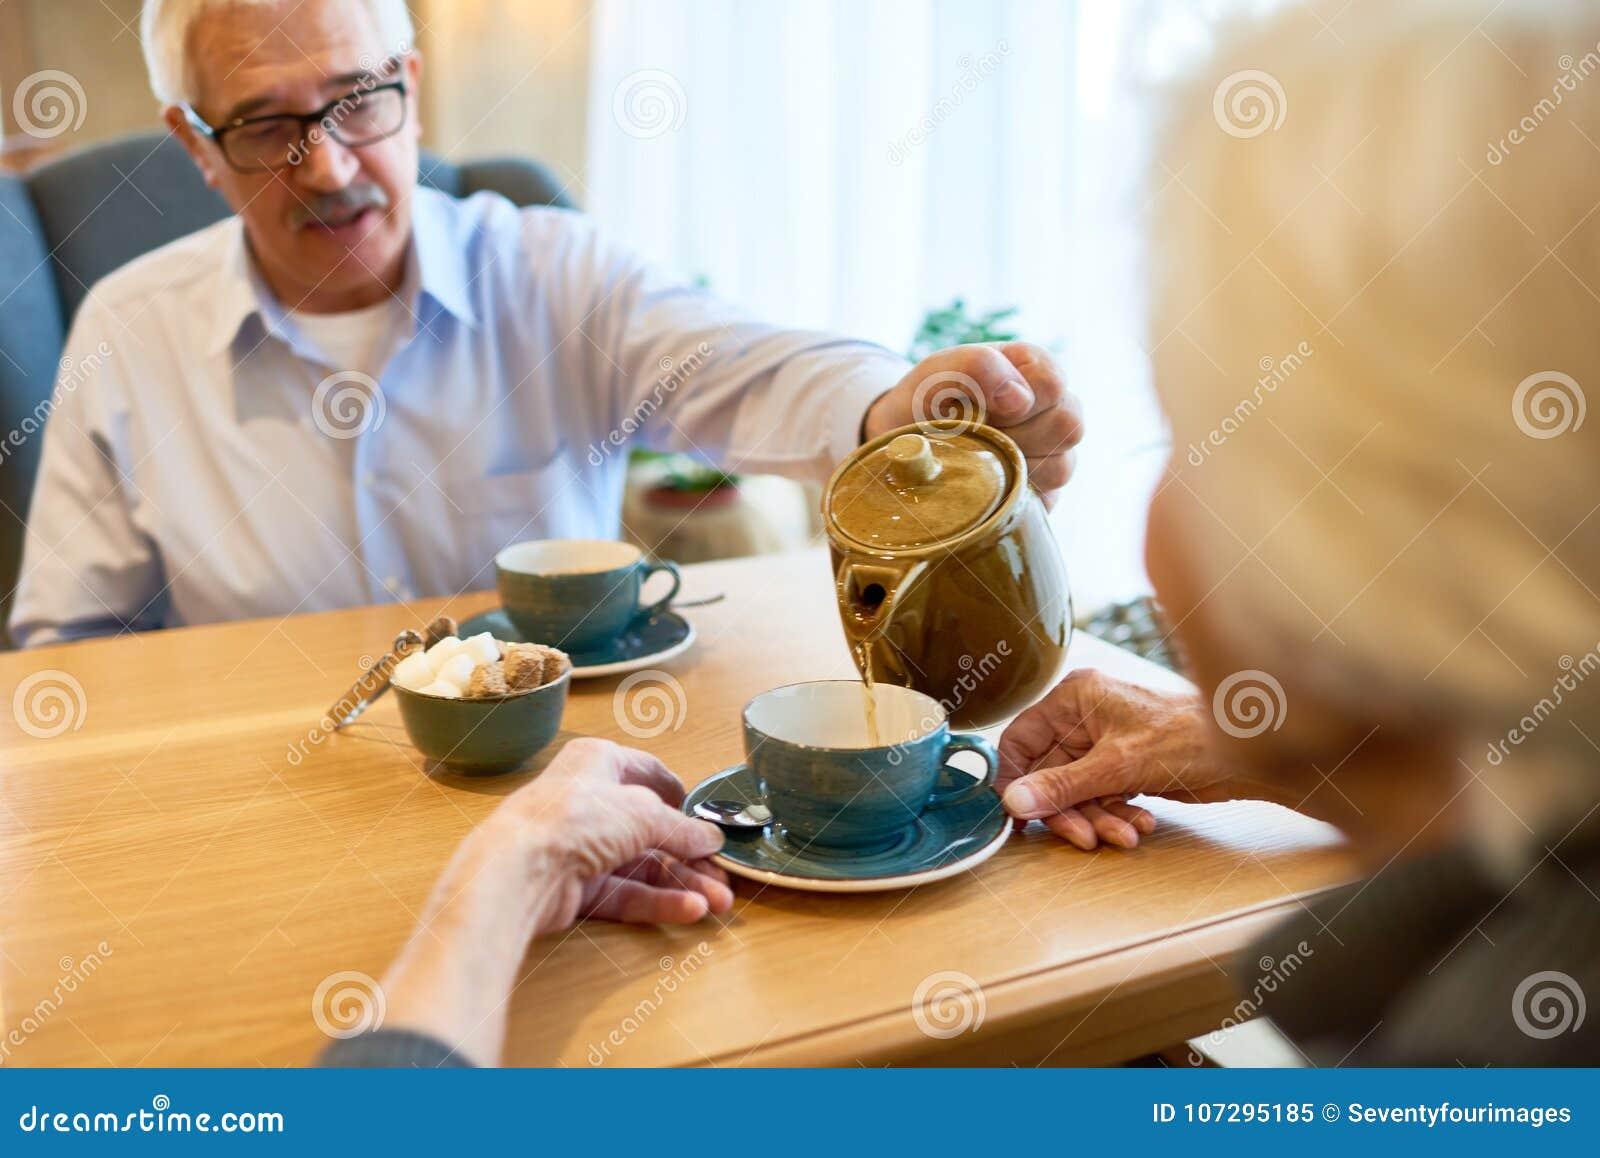 Romantisches Datum von liebevollen Paaren